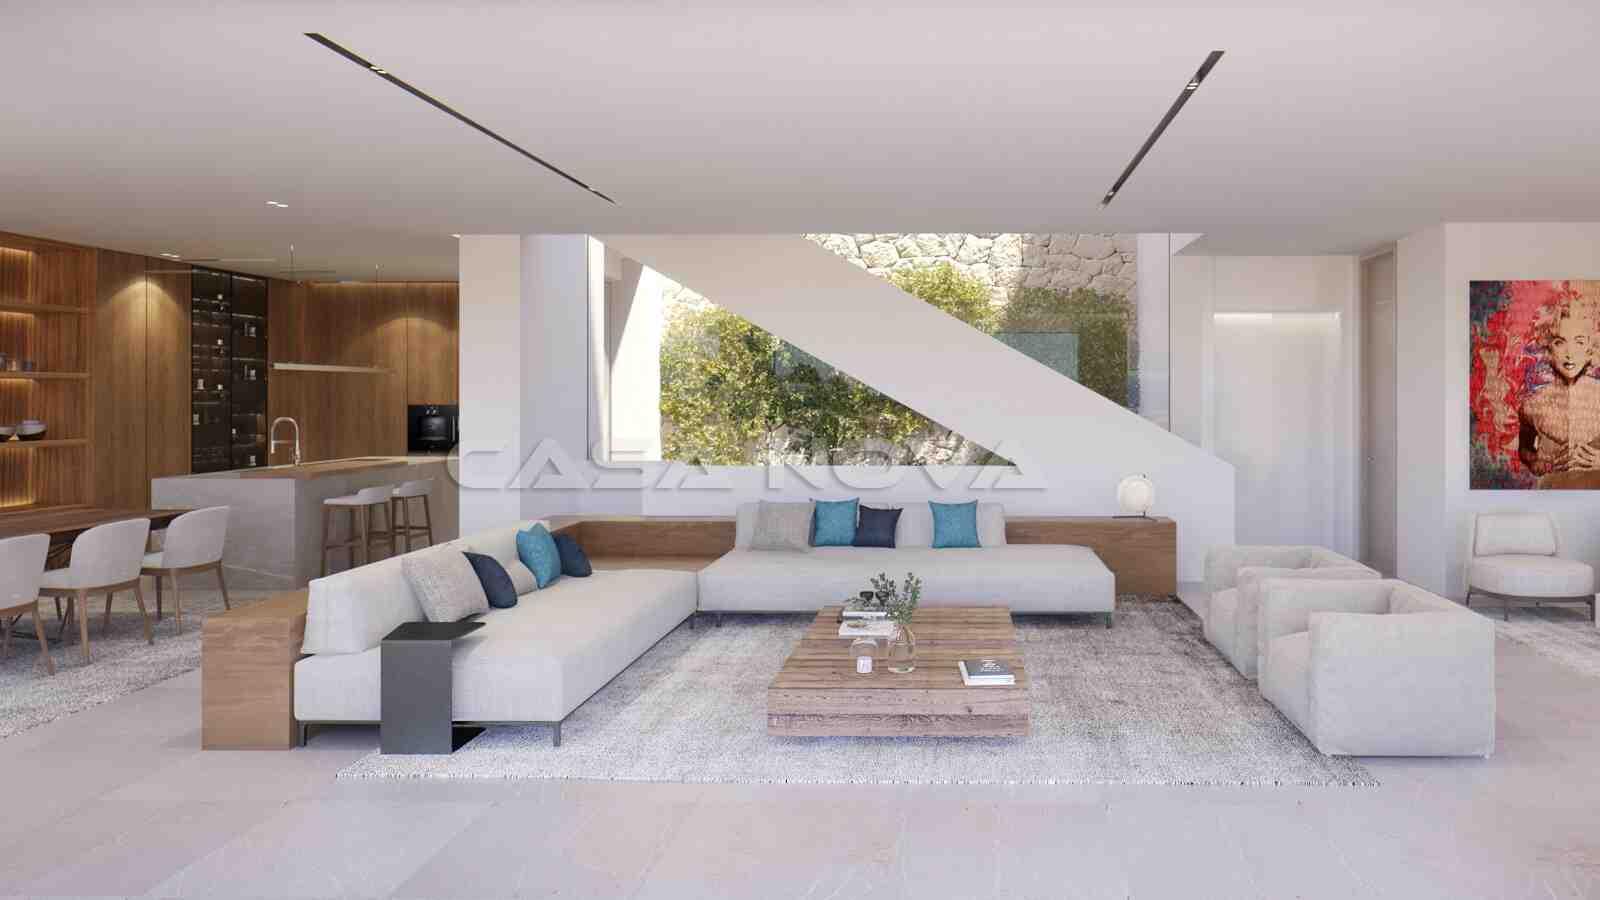 Lichtdurchfluteter Salon mit integrierter Einbauküche